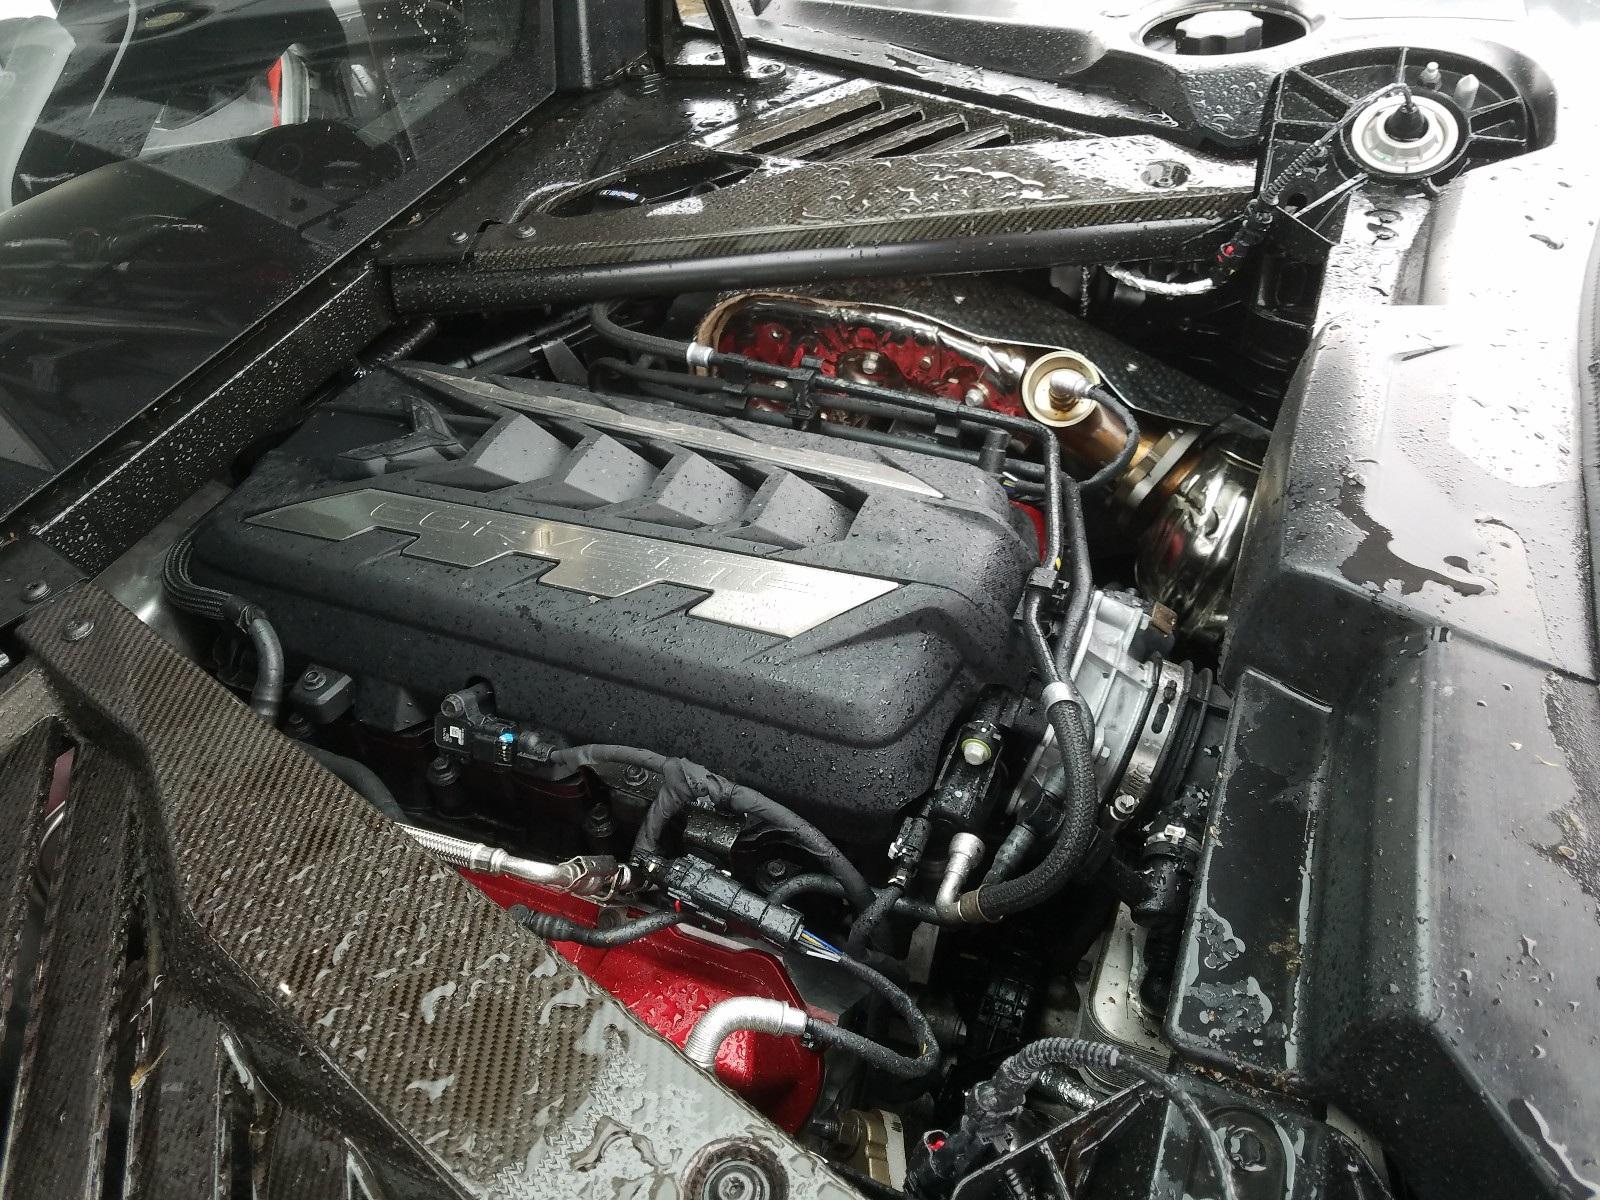 Kì lạ chiếc Corvette rách bươm sau tai nạn được rao bán đắt hơn xe mới - 8